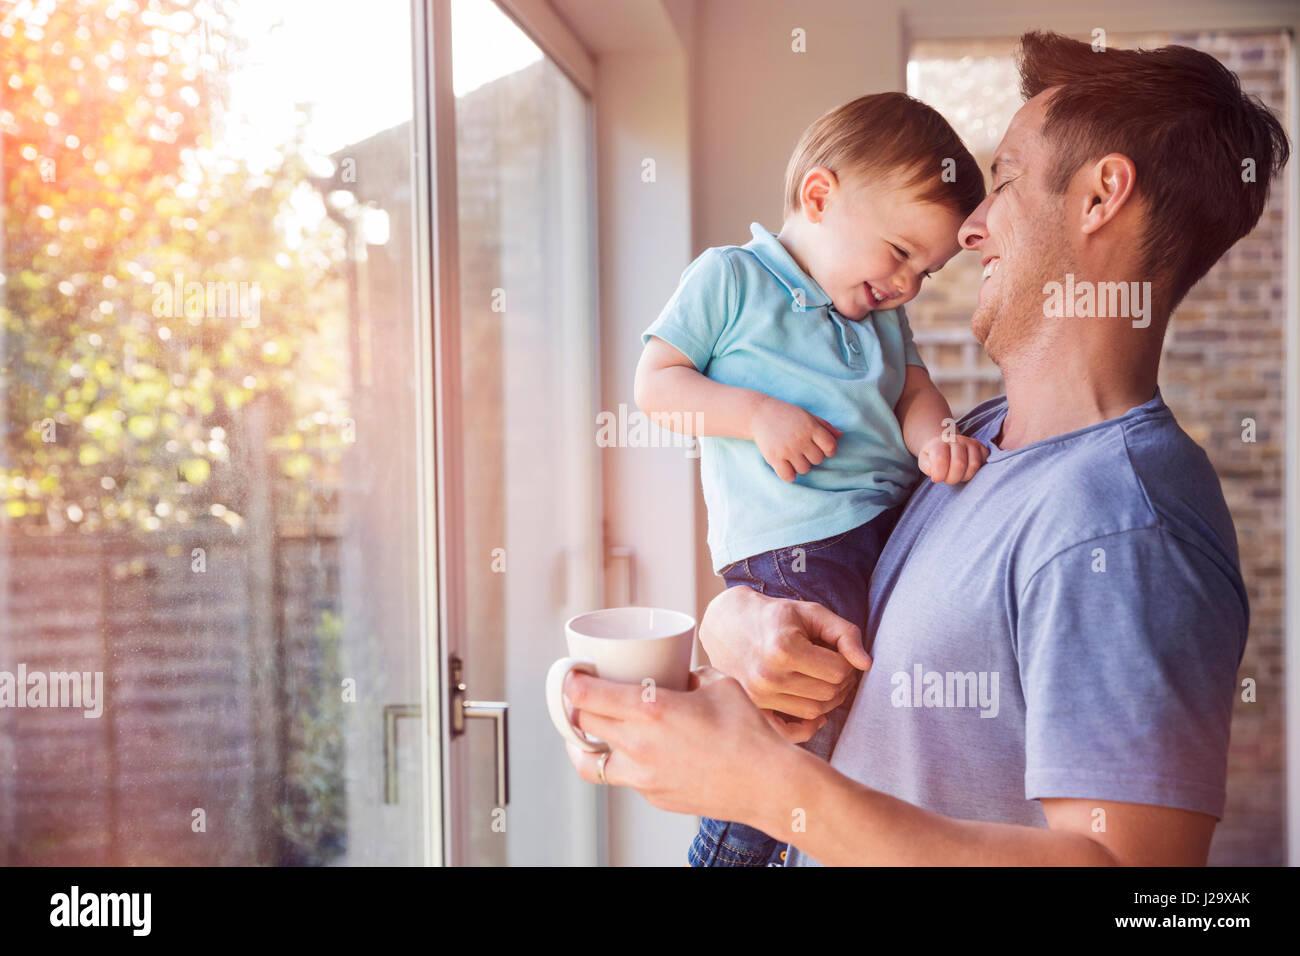 El padre tiene un hijo pequeño mientras bebe café en casa, por la ventana Imagen De Stock